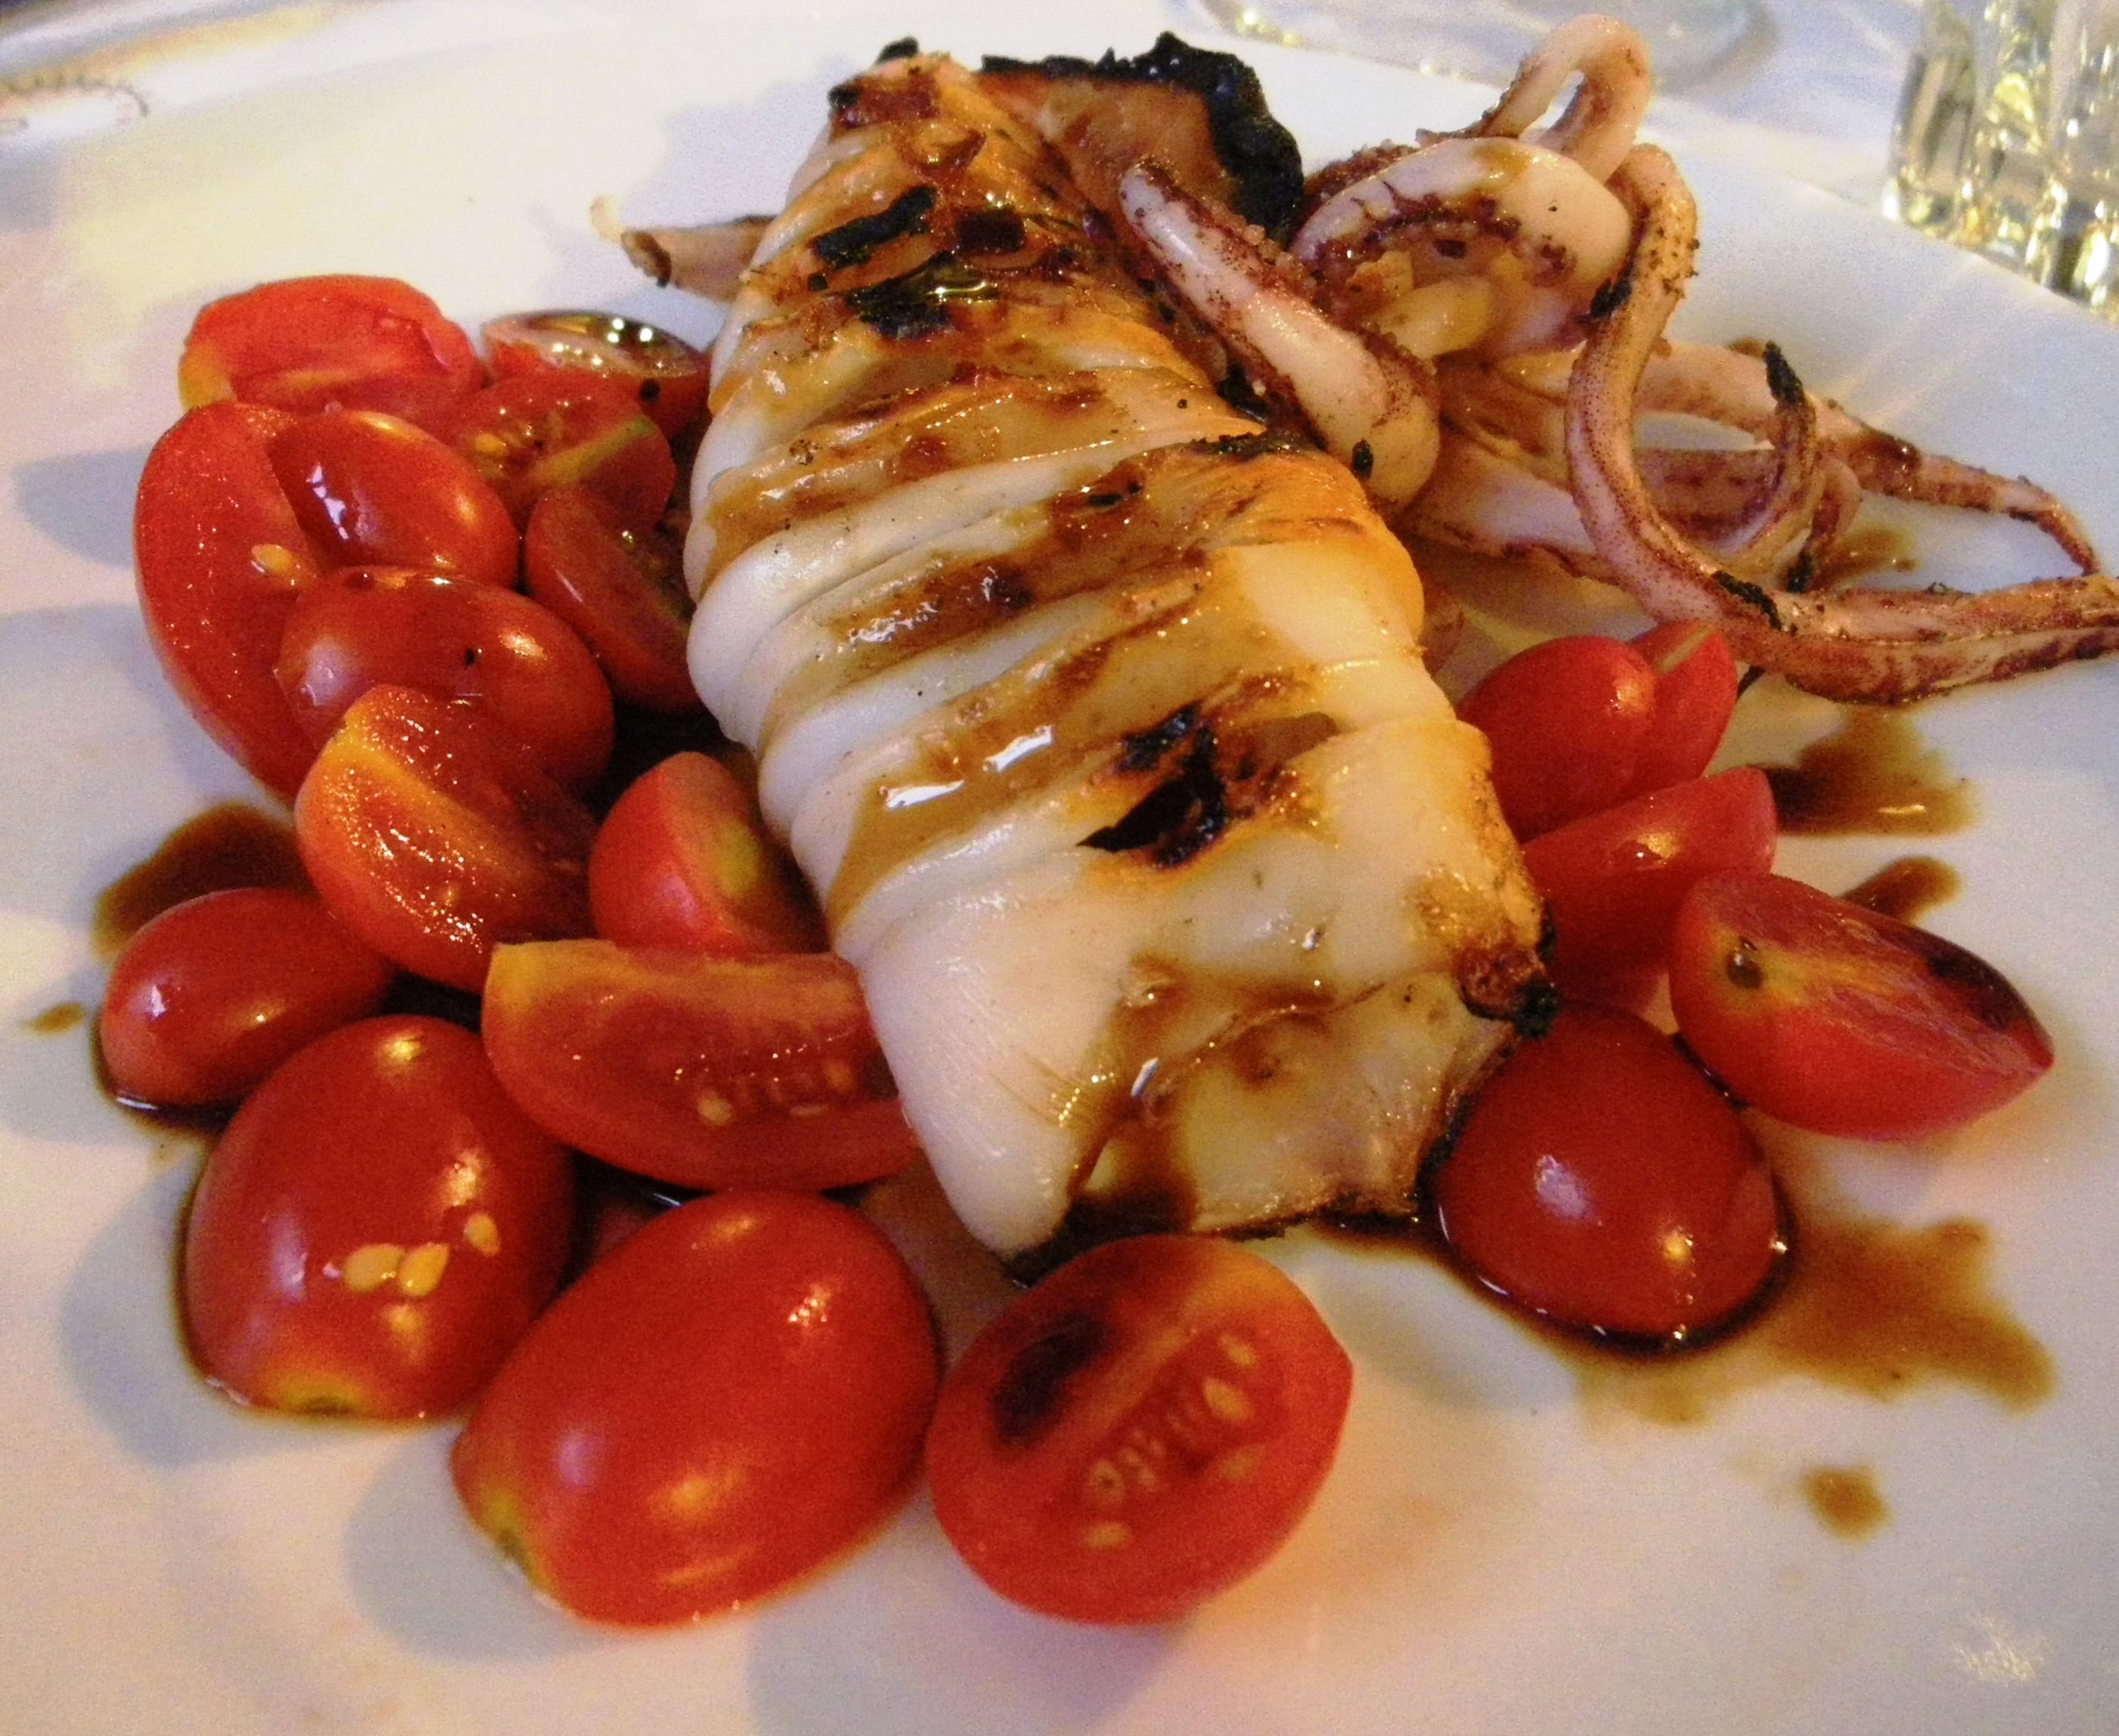 Calamari with honey & balsamic vinegar